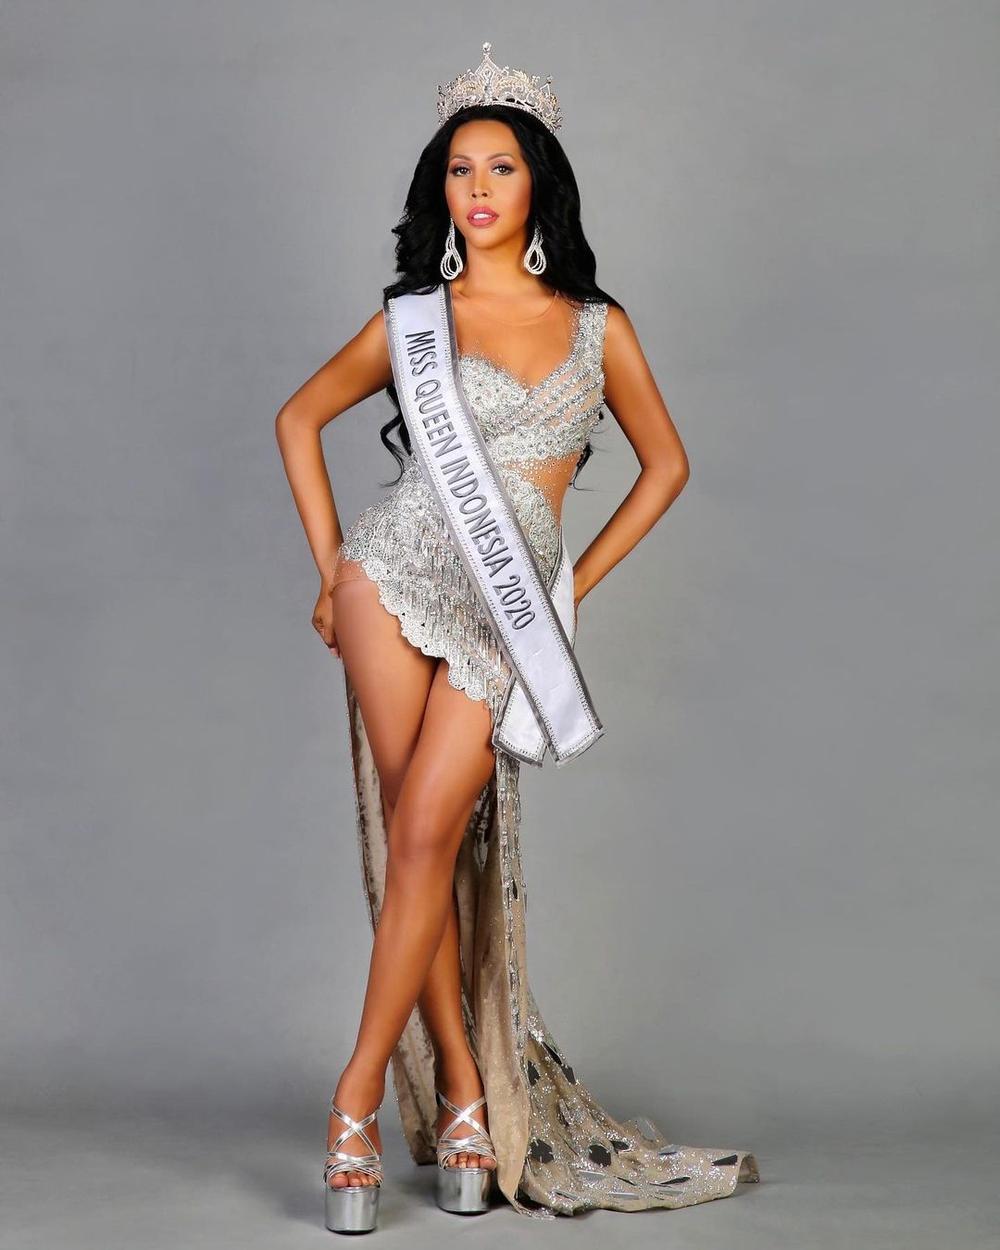 12 thí sinh đầu tiên dự thi Miss International Queen 2021: Trân Đài 'kèn cựa' mỹ nhân Thái Lan Ảnh 31